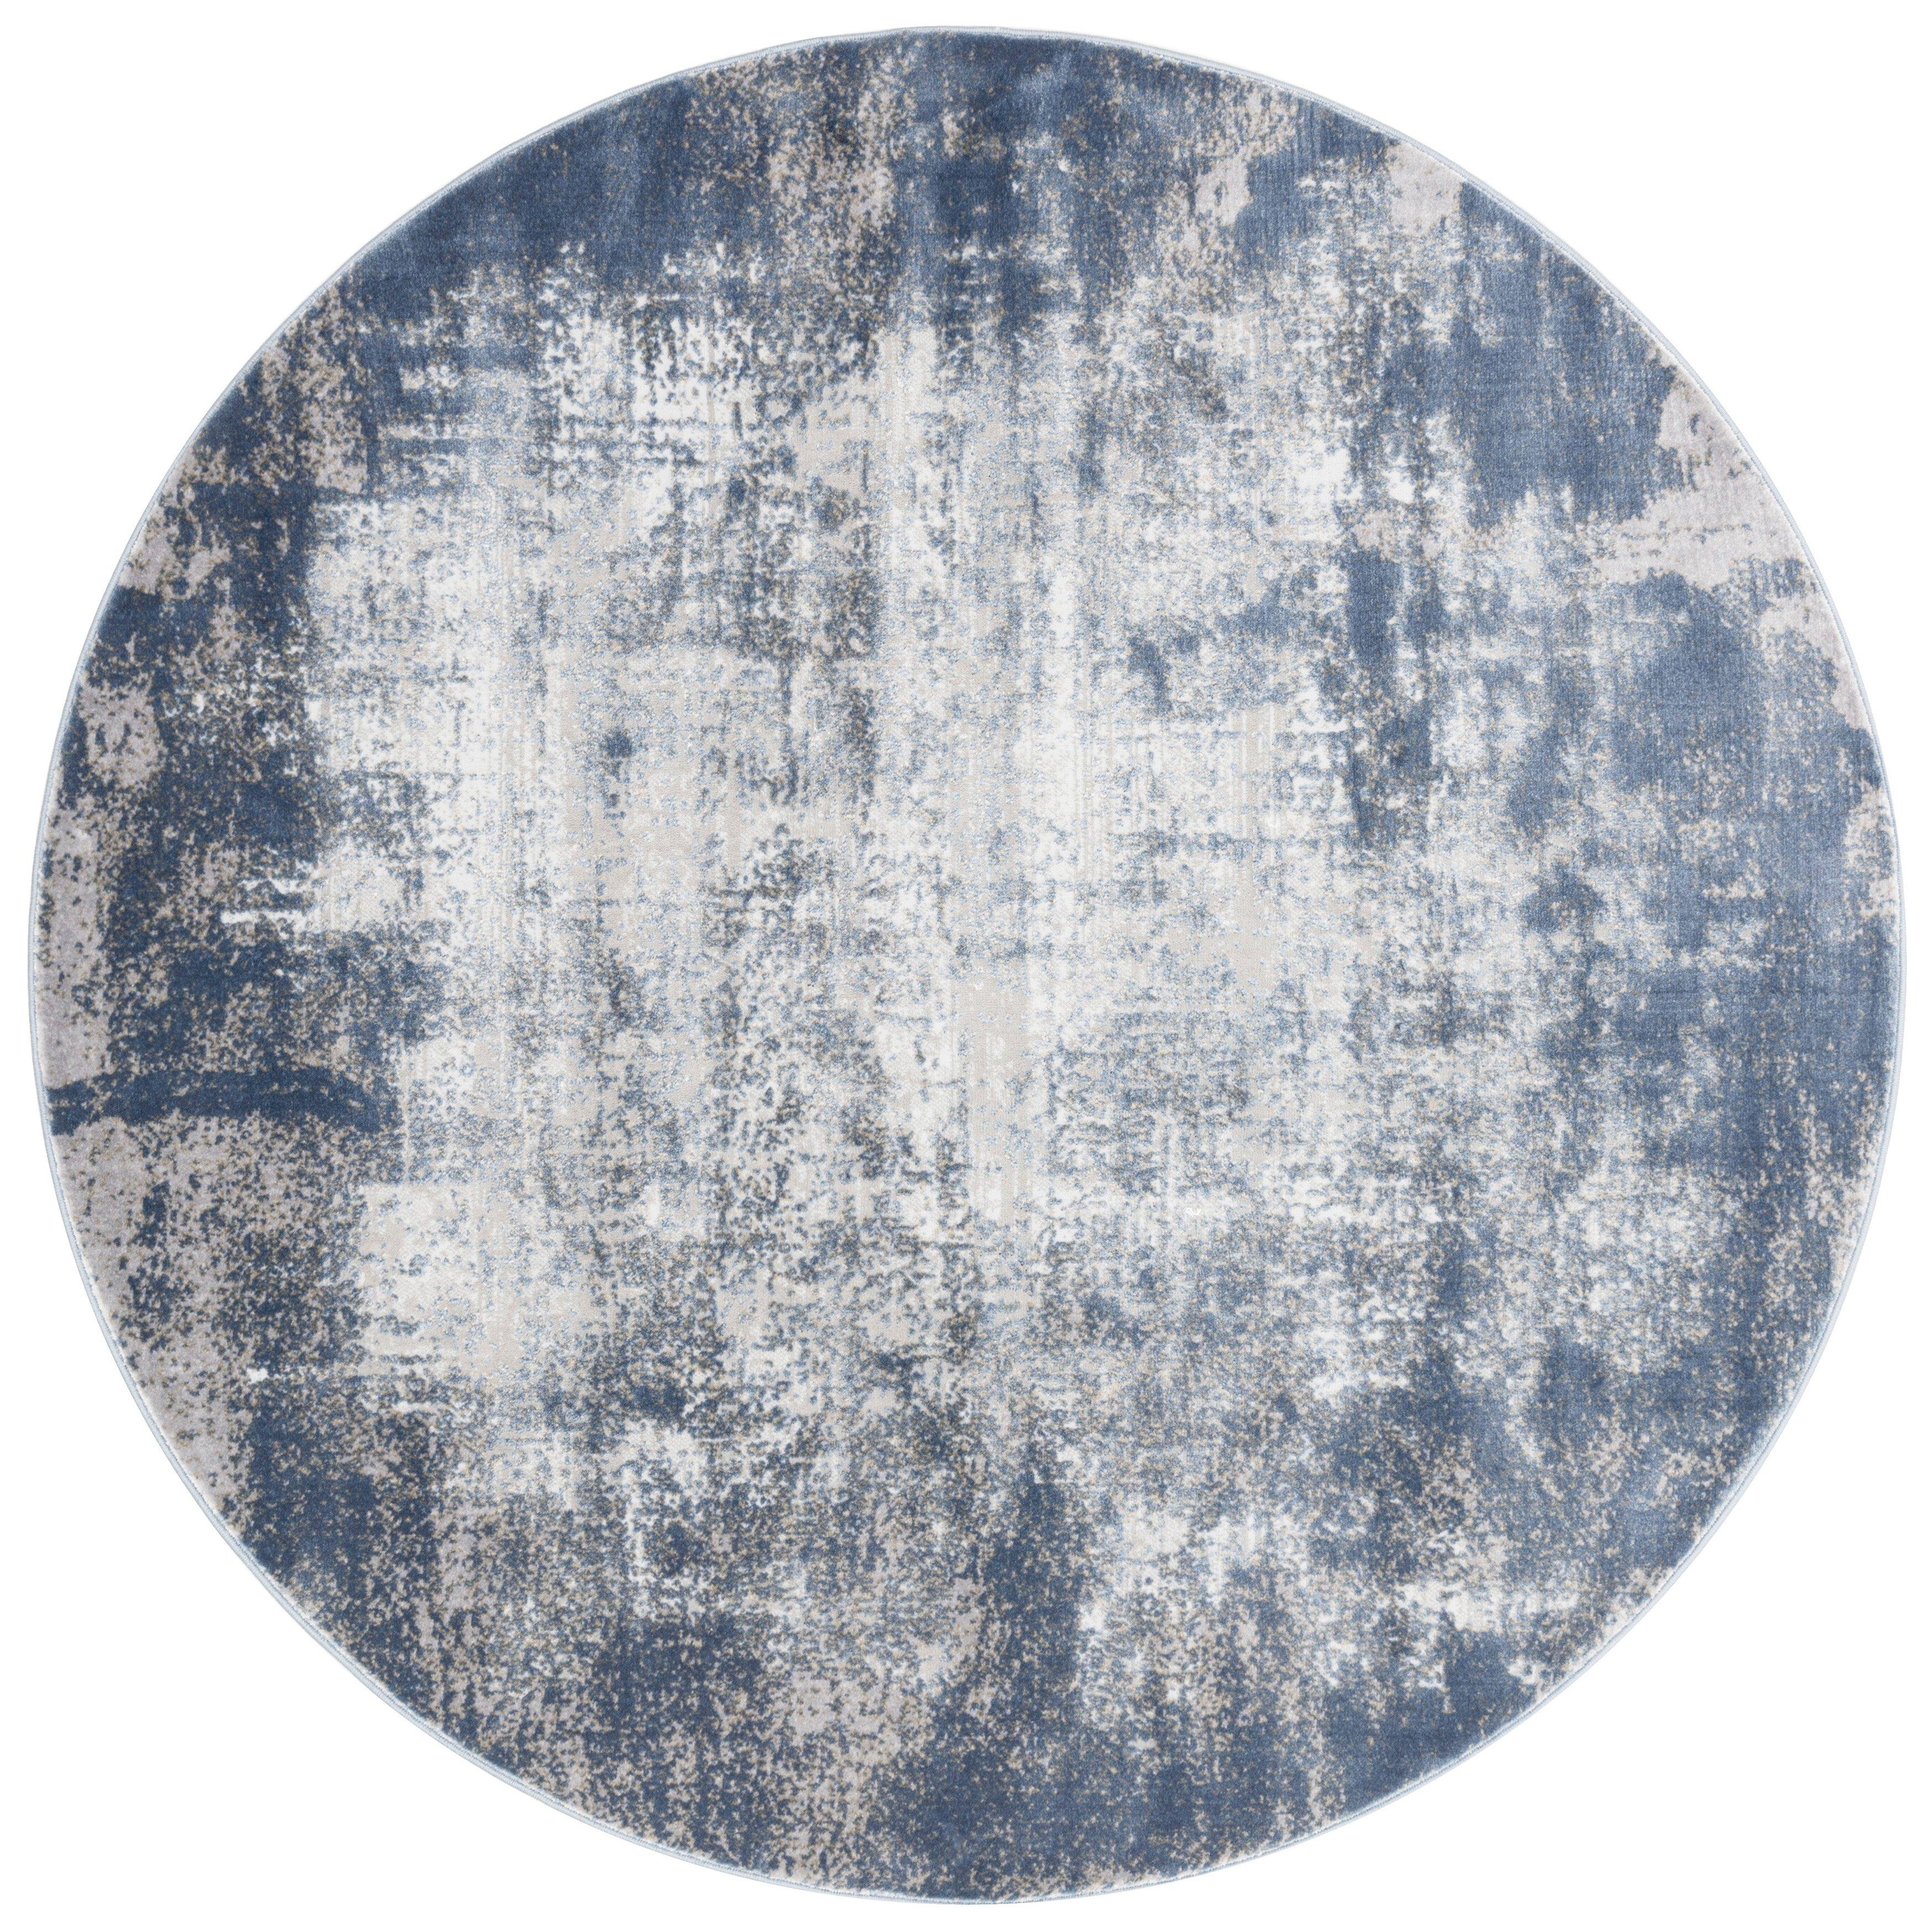 Grey Textured Vintage Round Rug